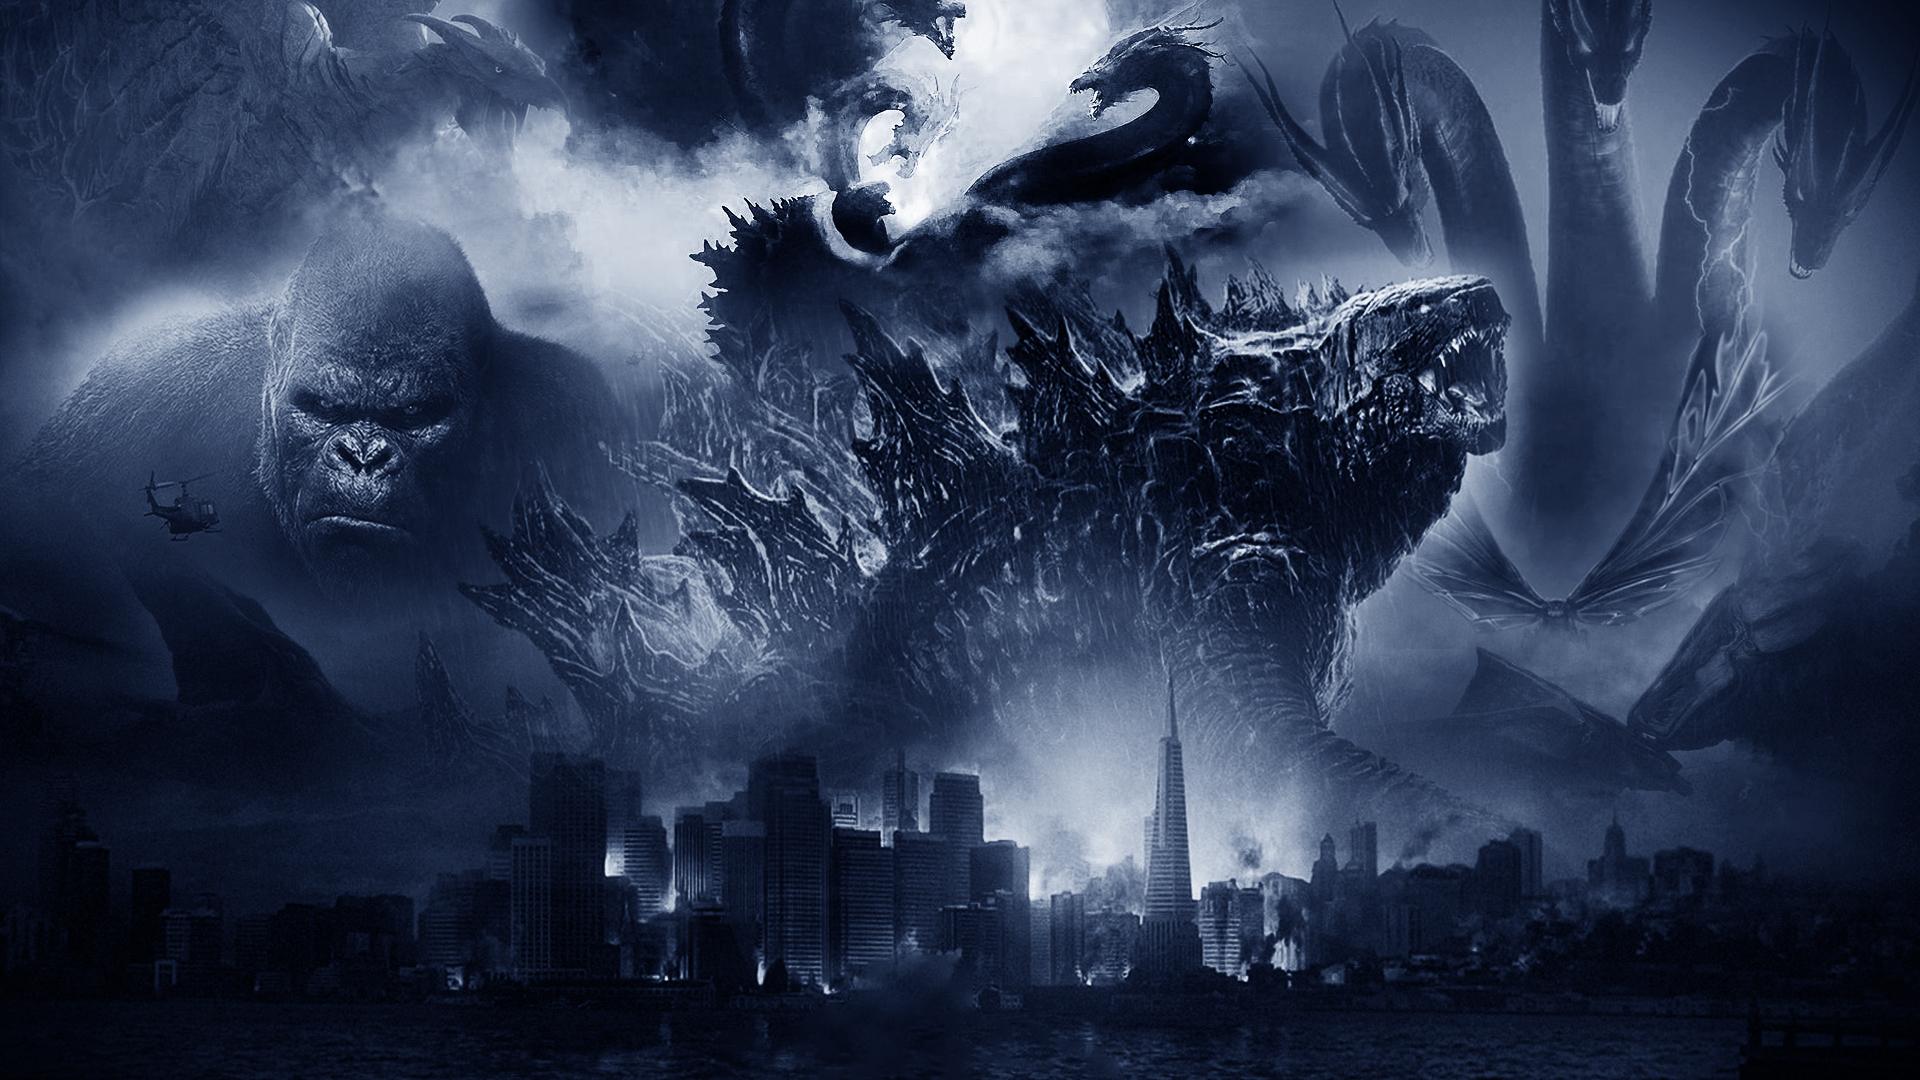 Godzilla Kong Monsterverse Wallpaper By The Dark Mamba 995 On